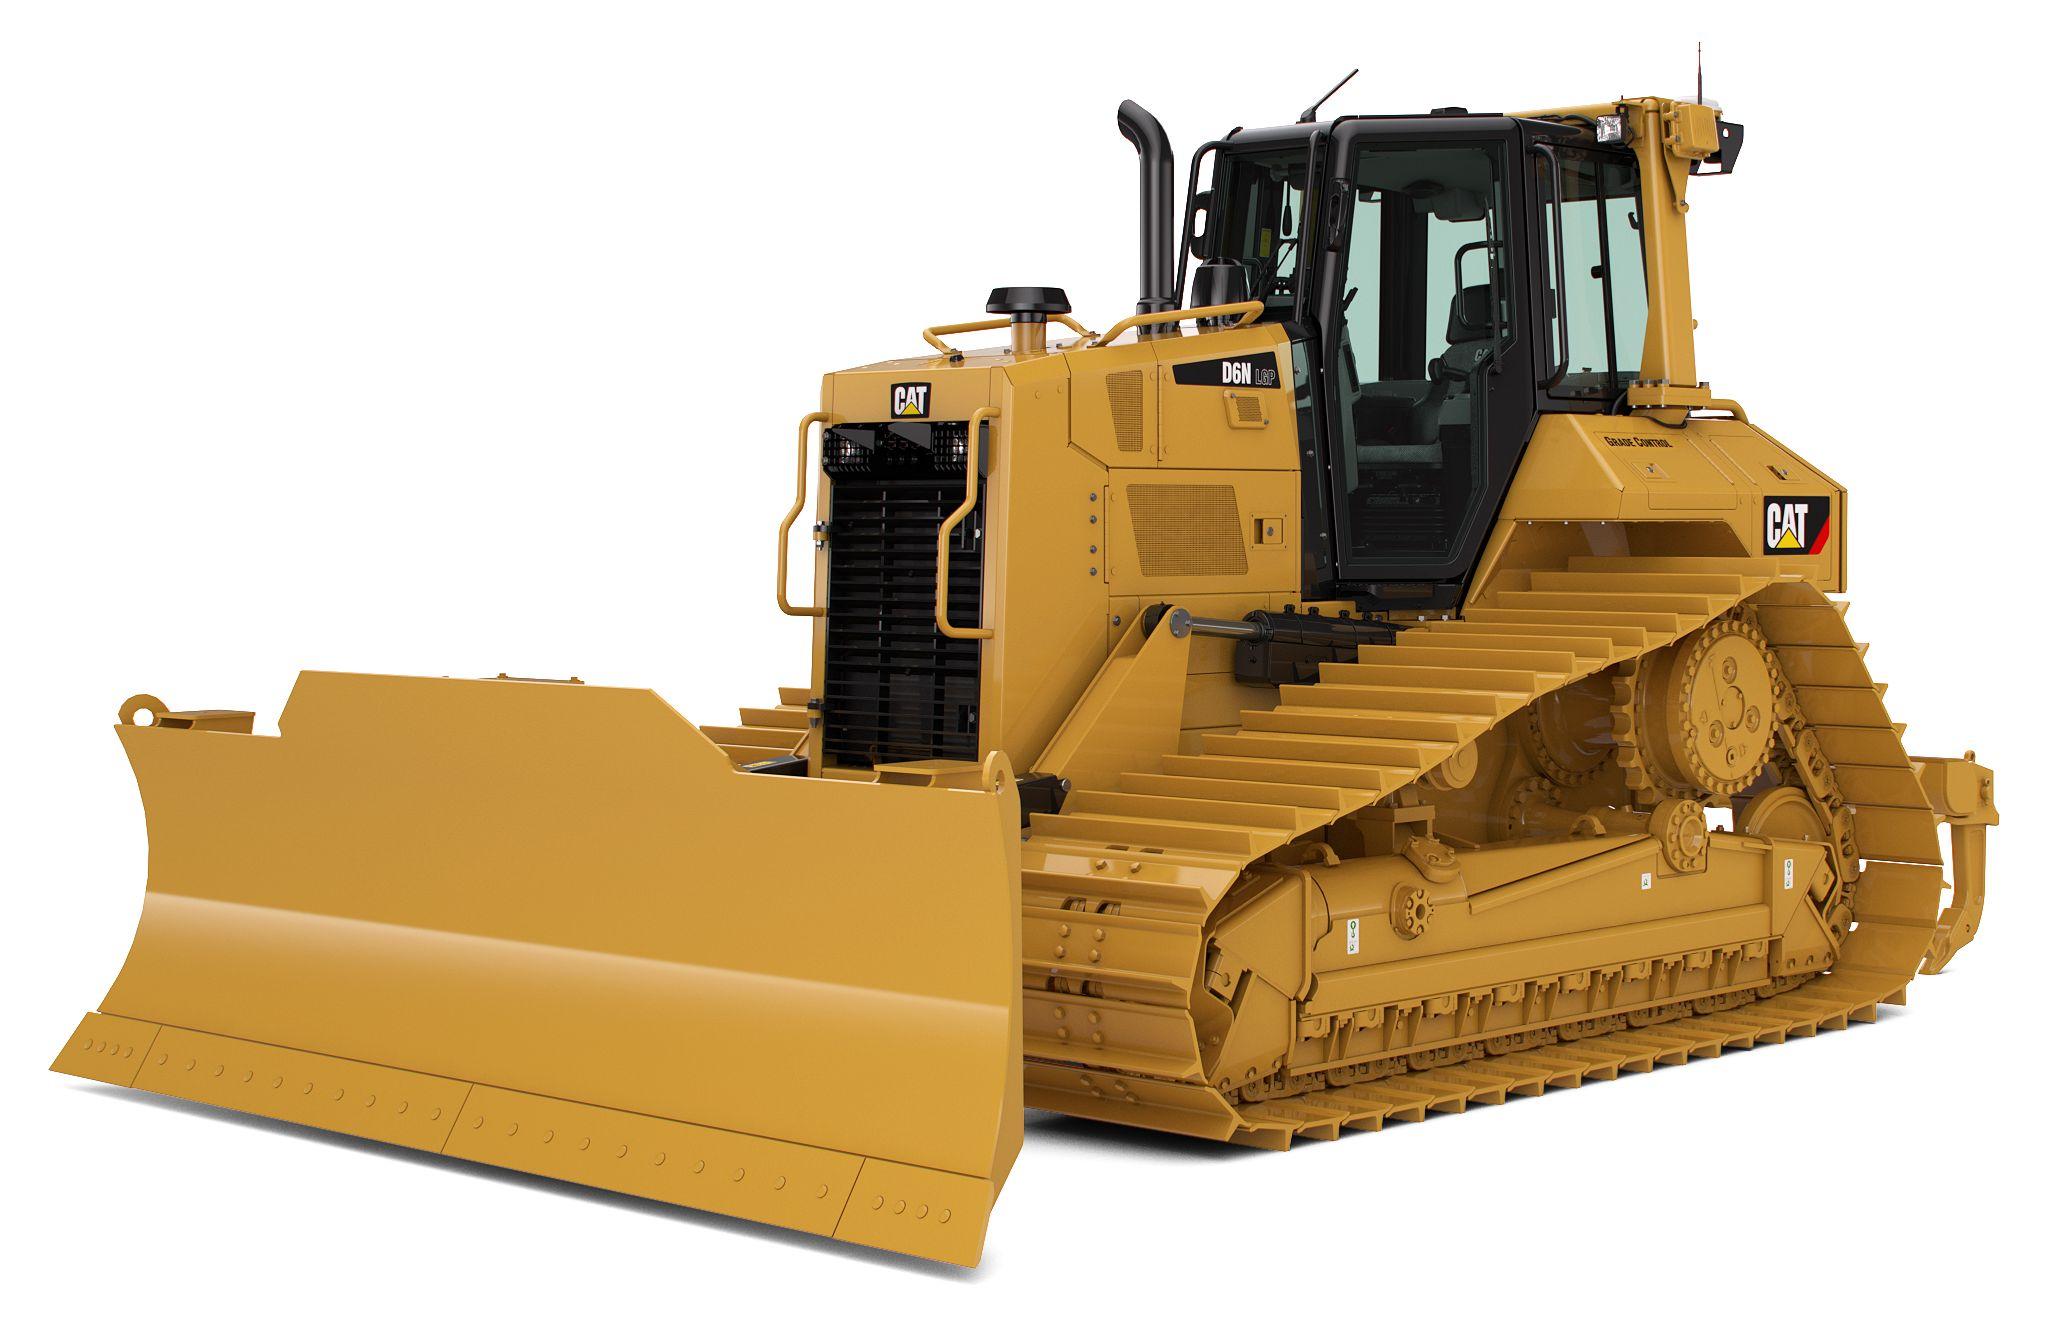 Tracteur sur chaines Cat D6N